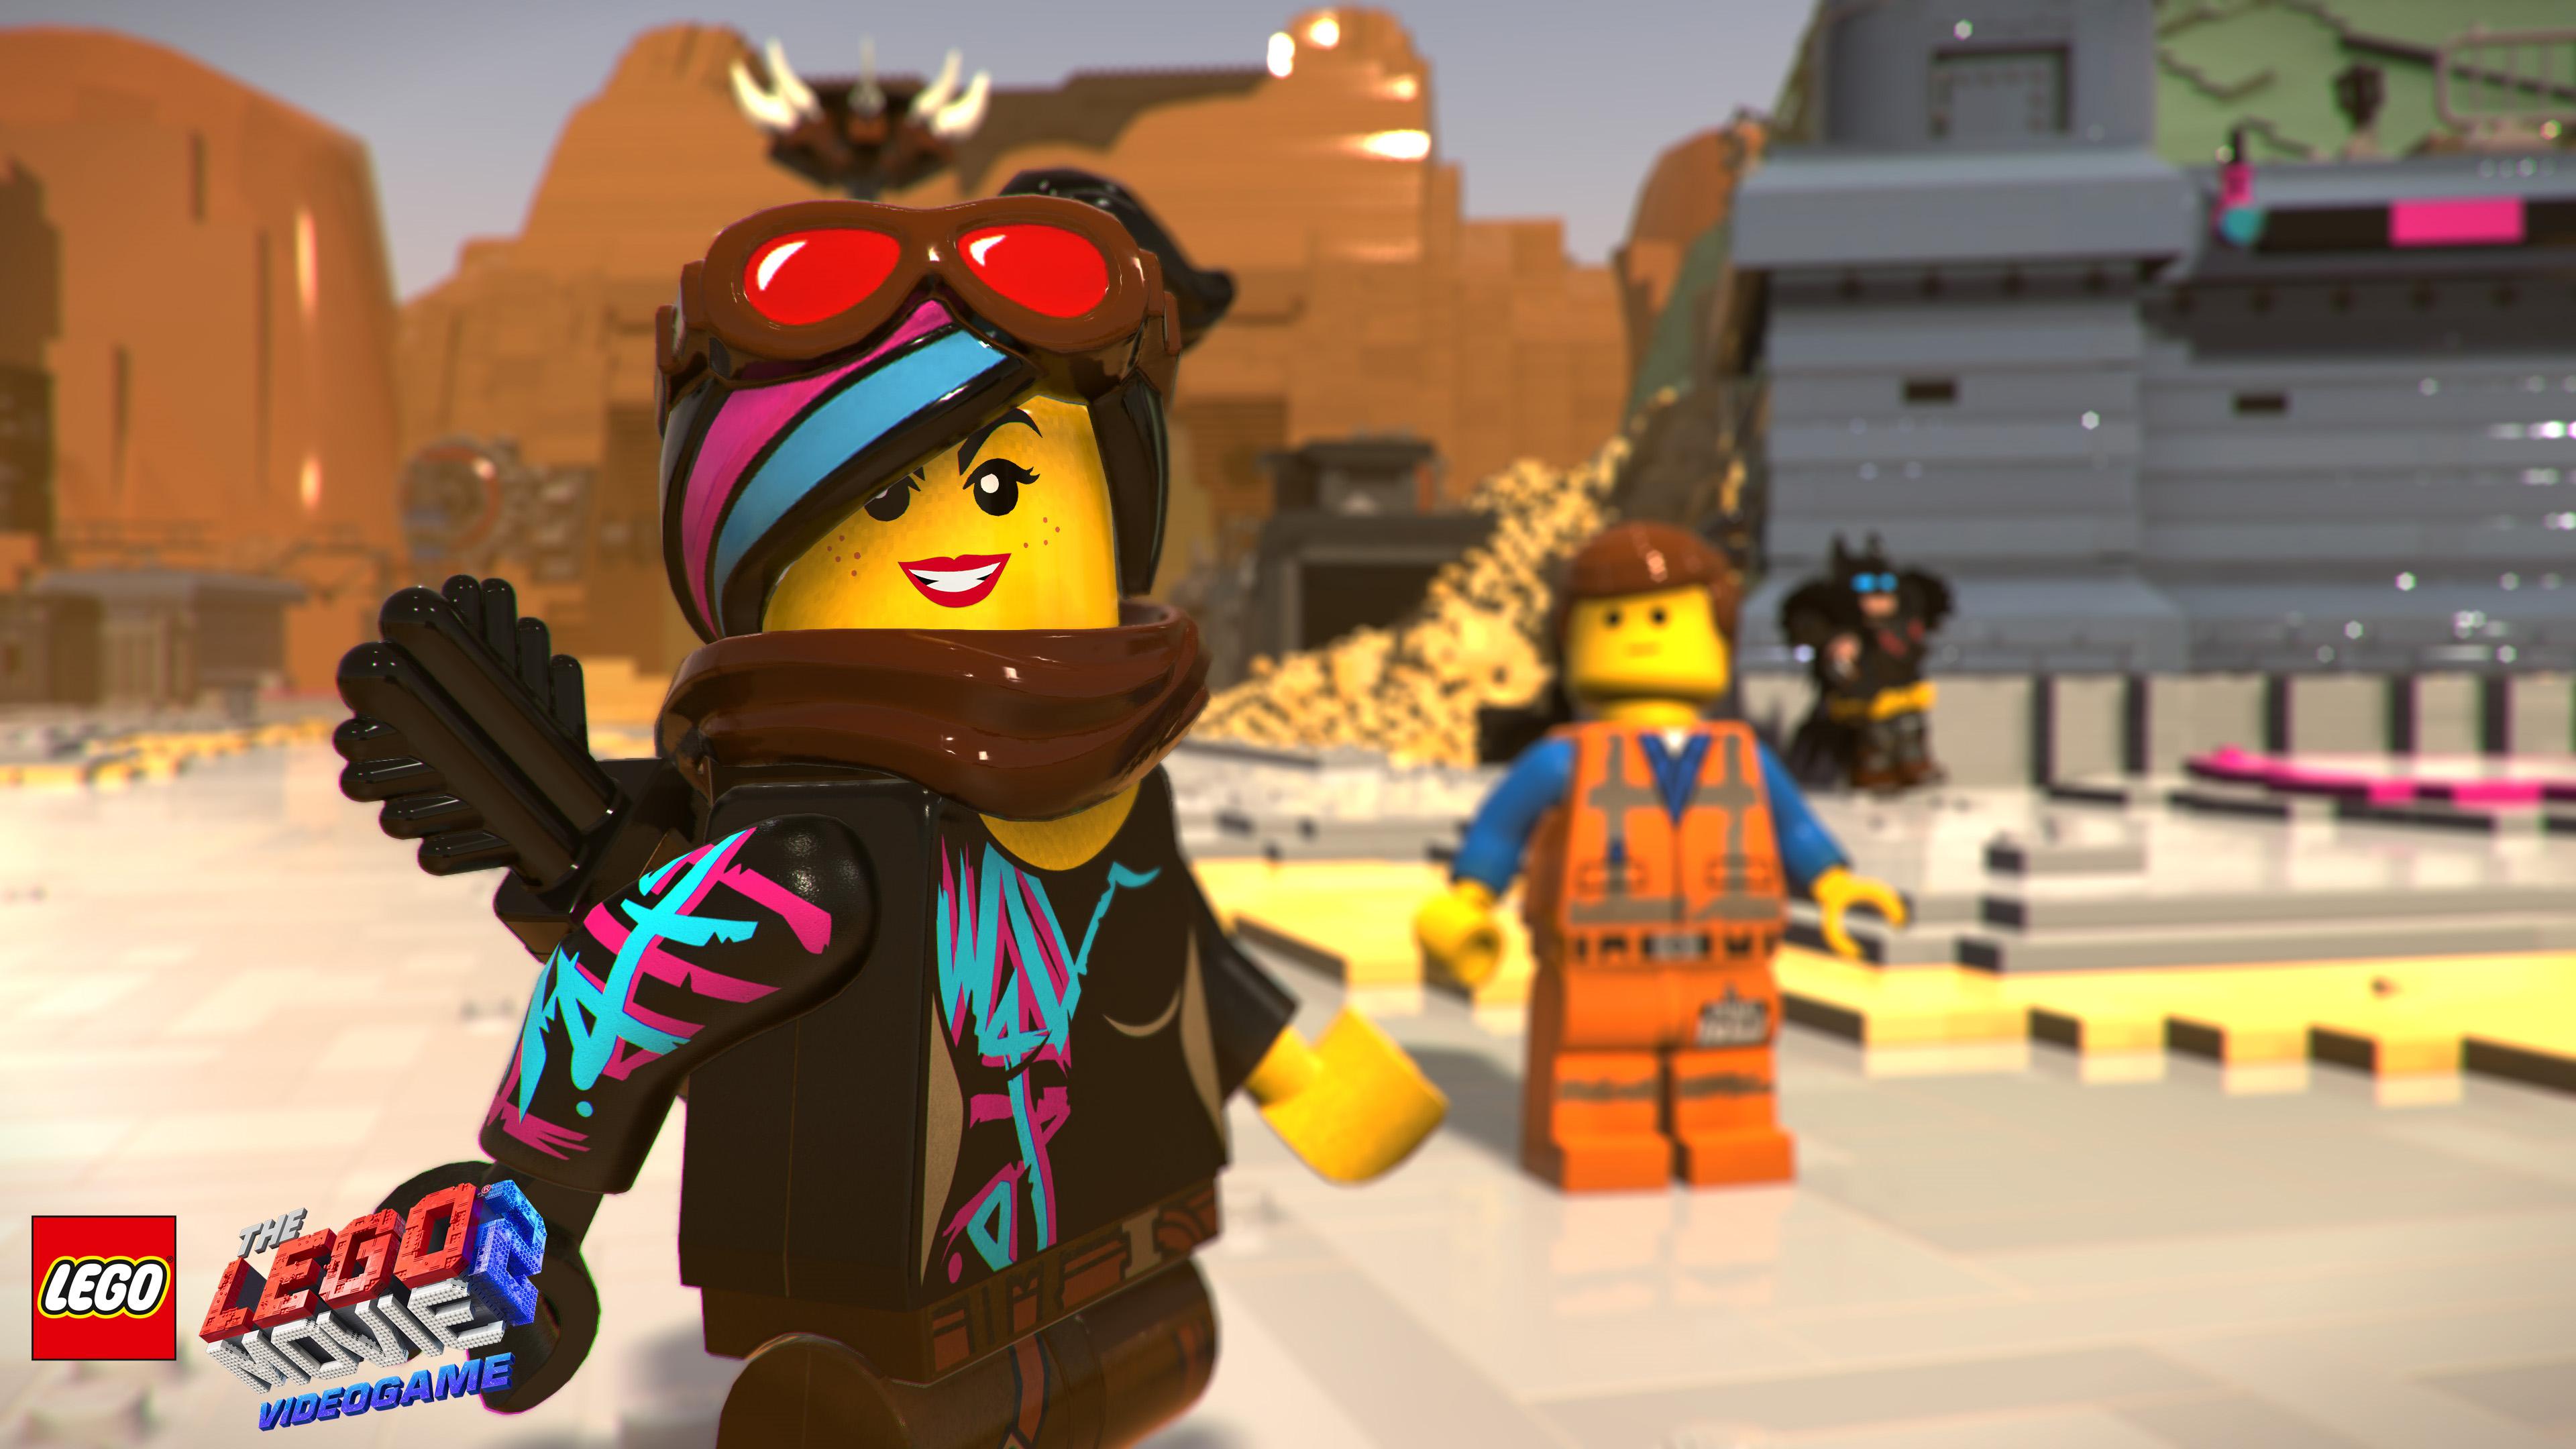 The LEGO Movie 2 Videogame   Novo jogo da LEGO inspirado no filme é anunciado